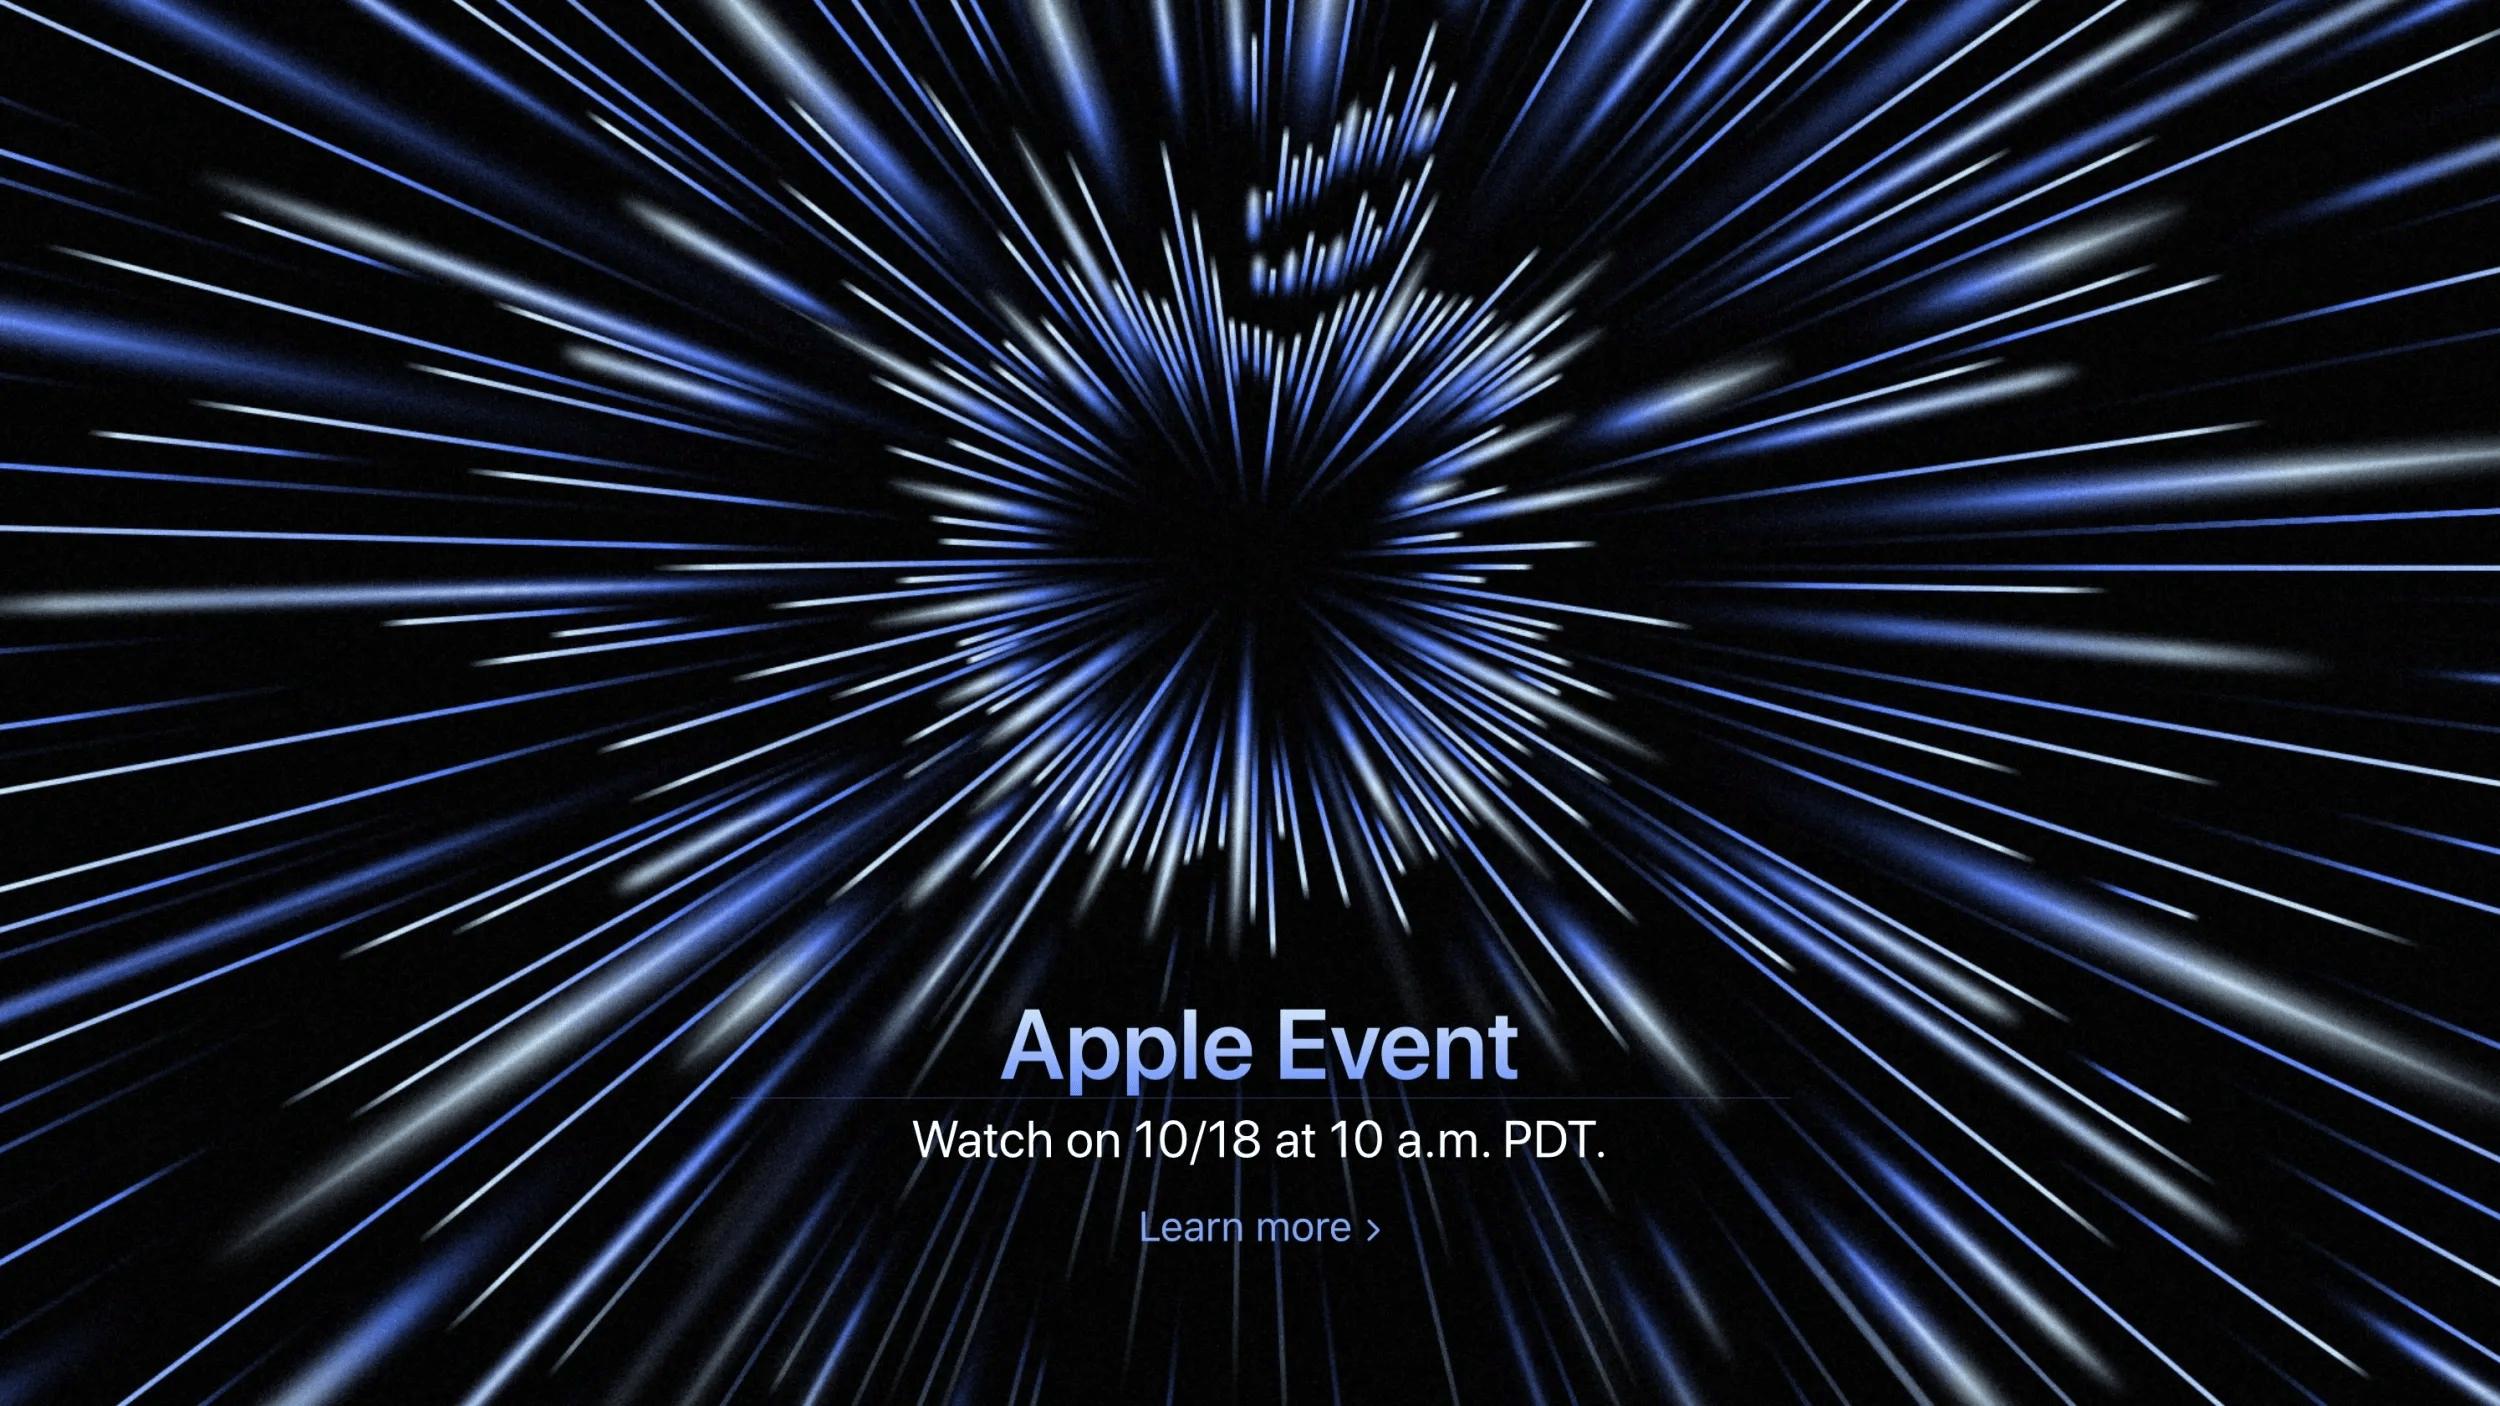 苹果「炸场」发布会:高调宣传之下,什么爆炸性新品即将登场?_Pro